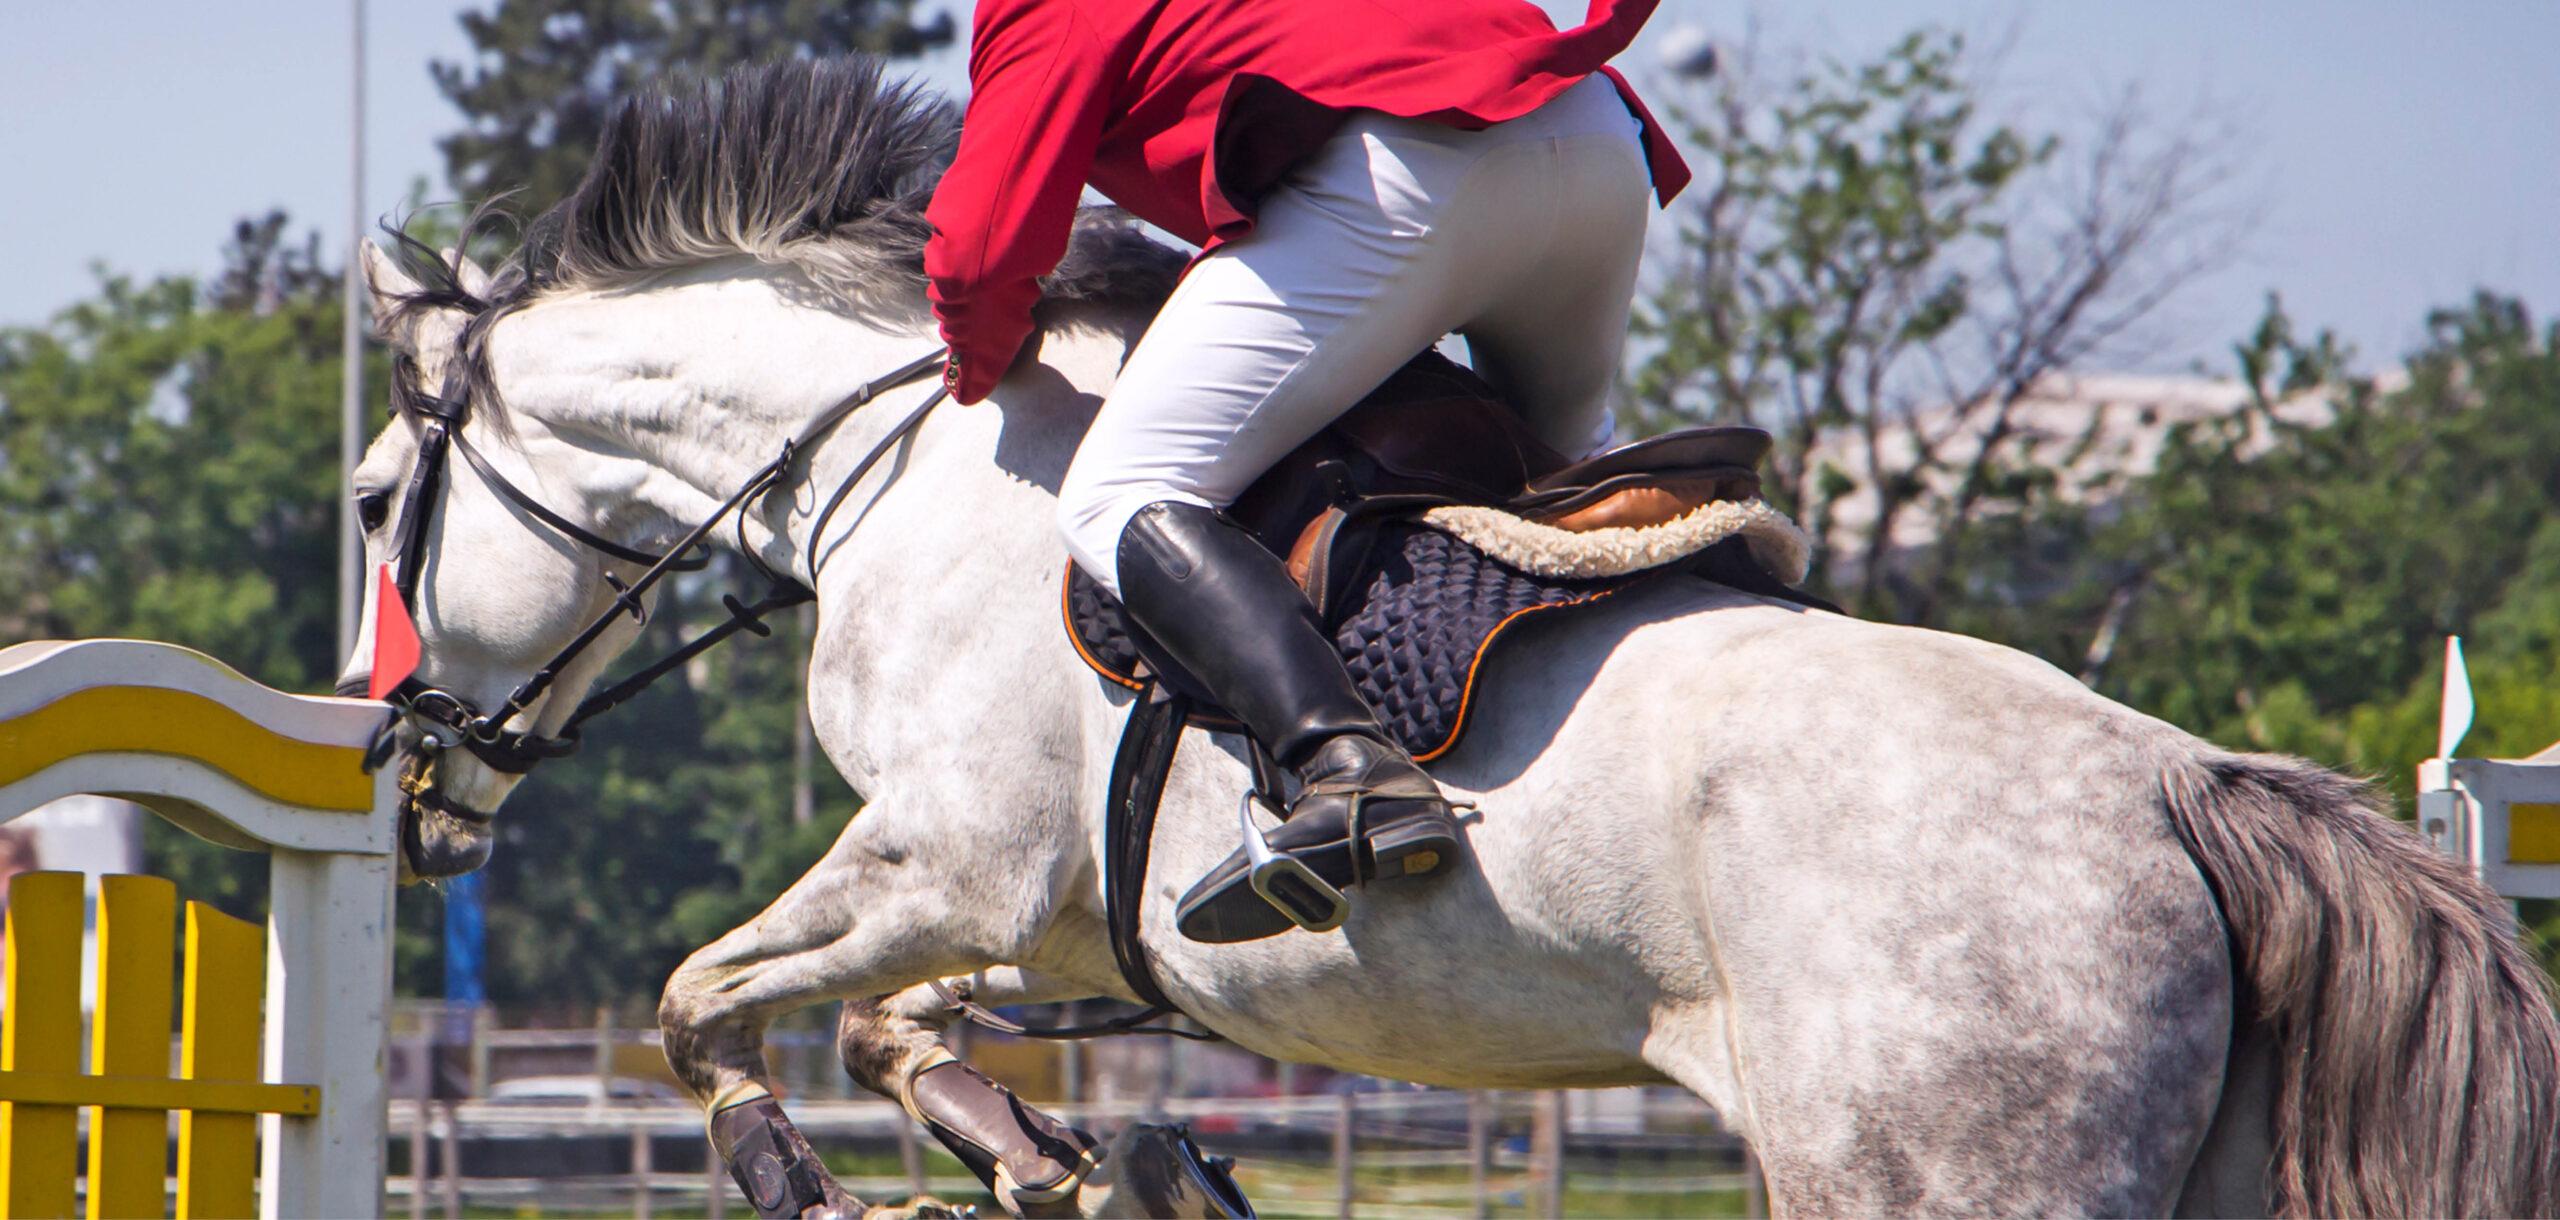 Häst och ryttare hoppar hinder på tävling